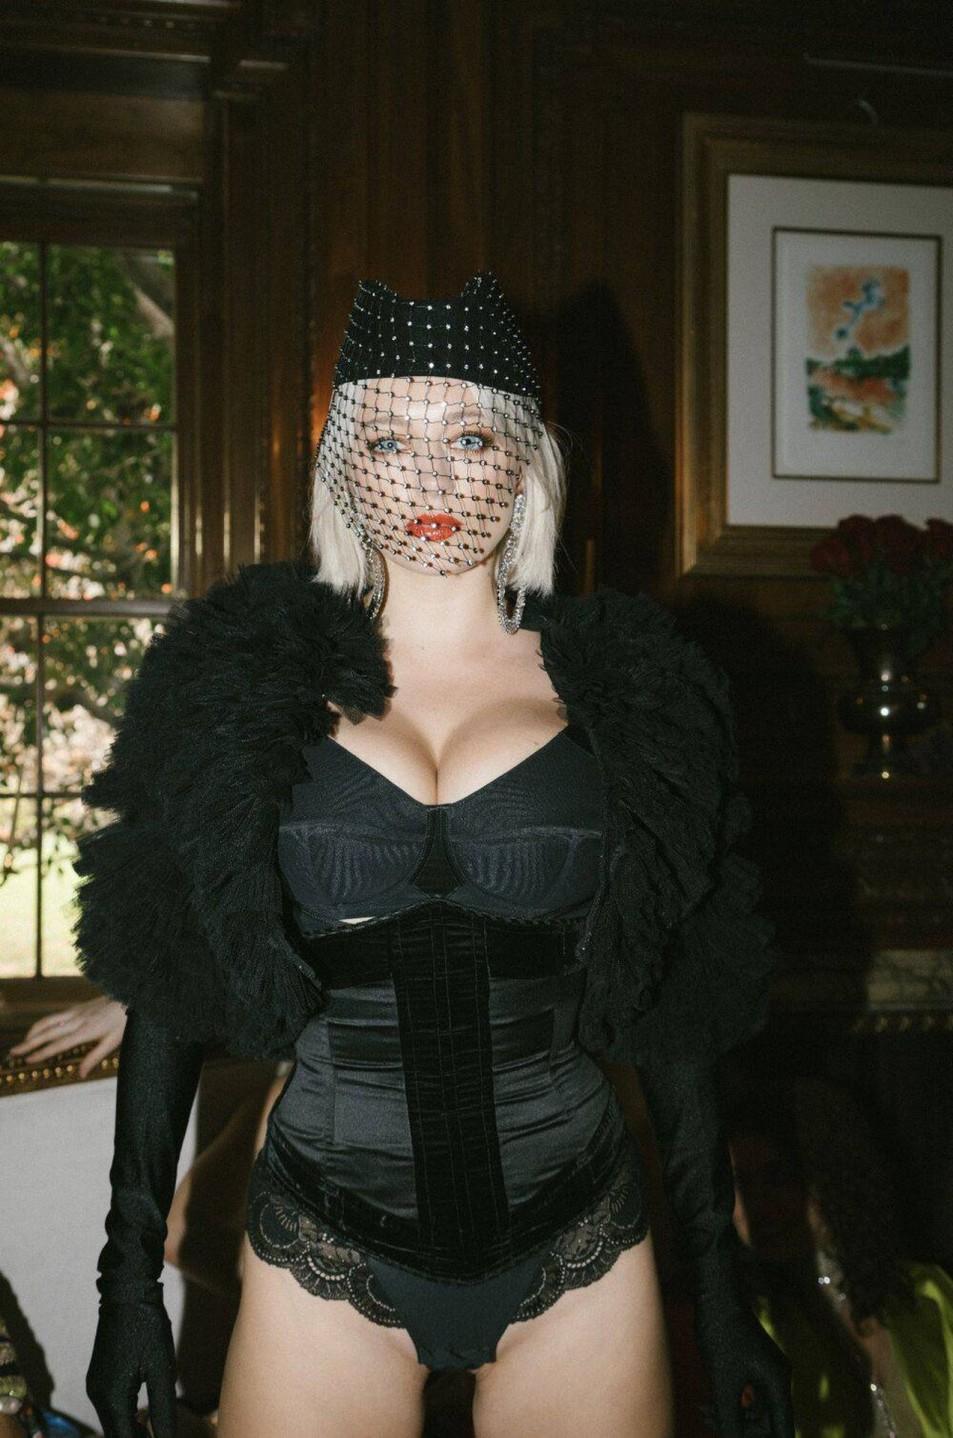 Caroline-Vreeland-Black-Lingerie-4.jpg